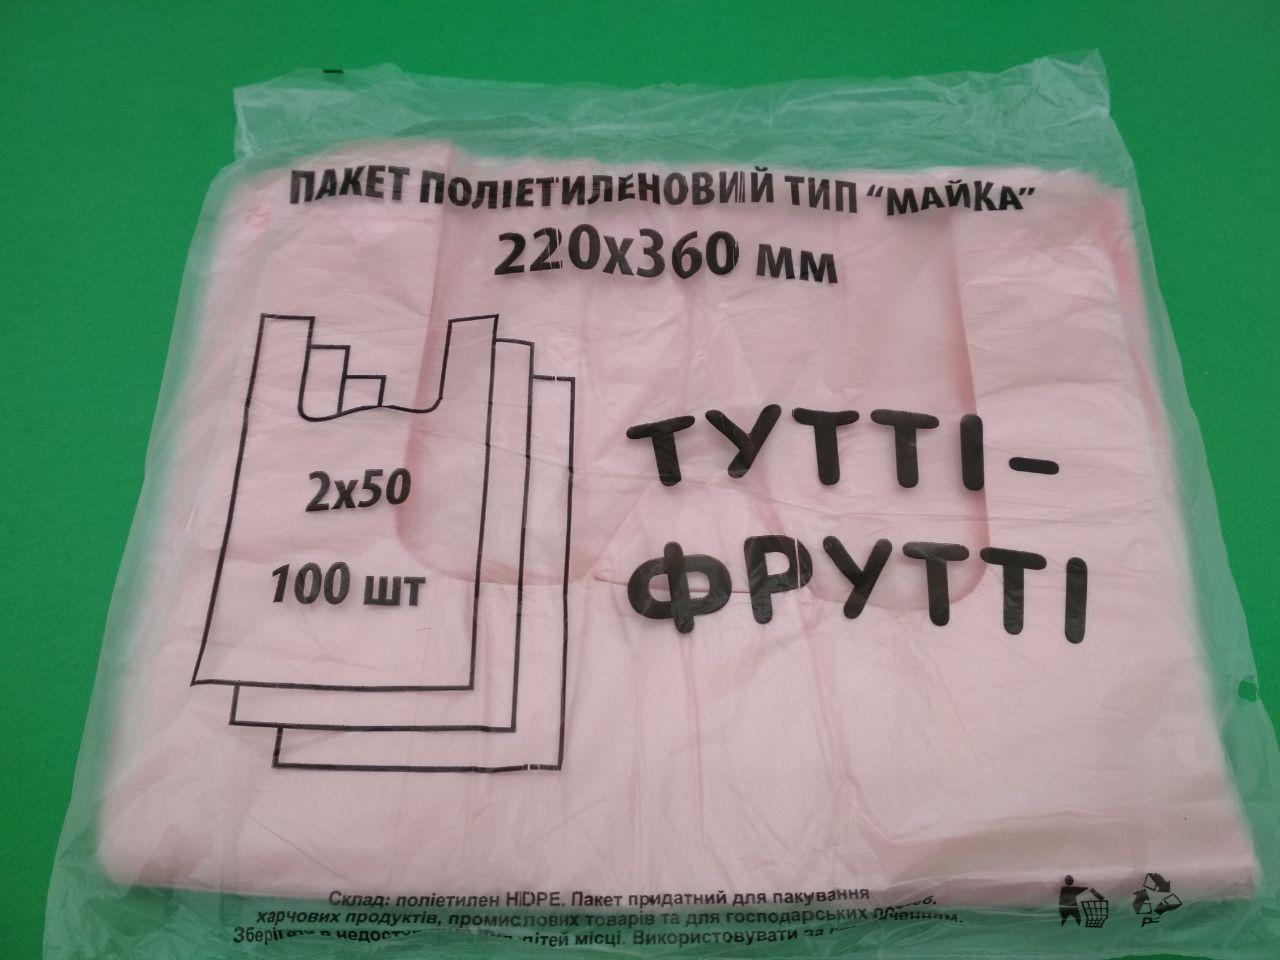 Полиэтиленовые пакеты майка №22*36 Тутти-Фрутти  красная (100шт) (1 пач)